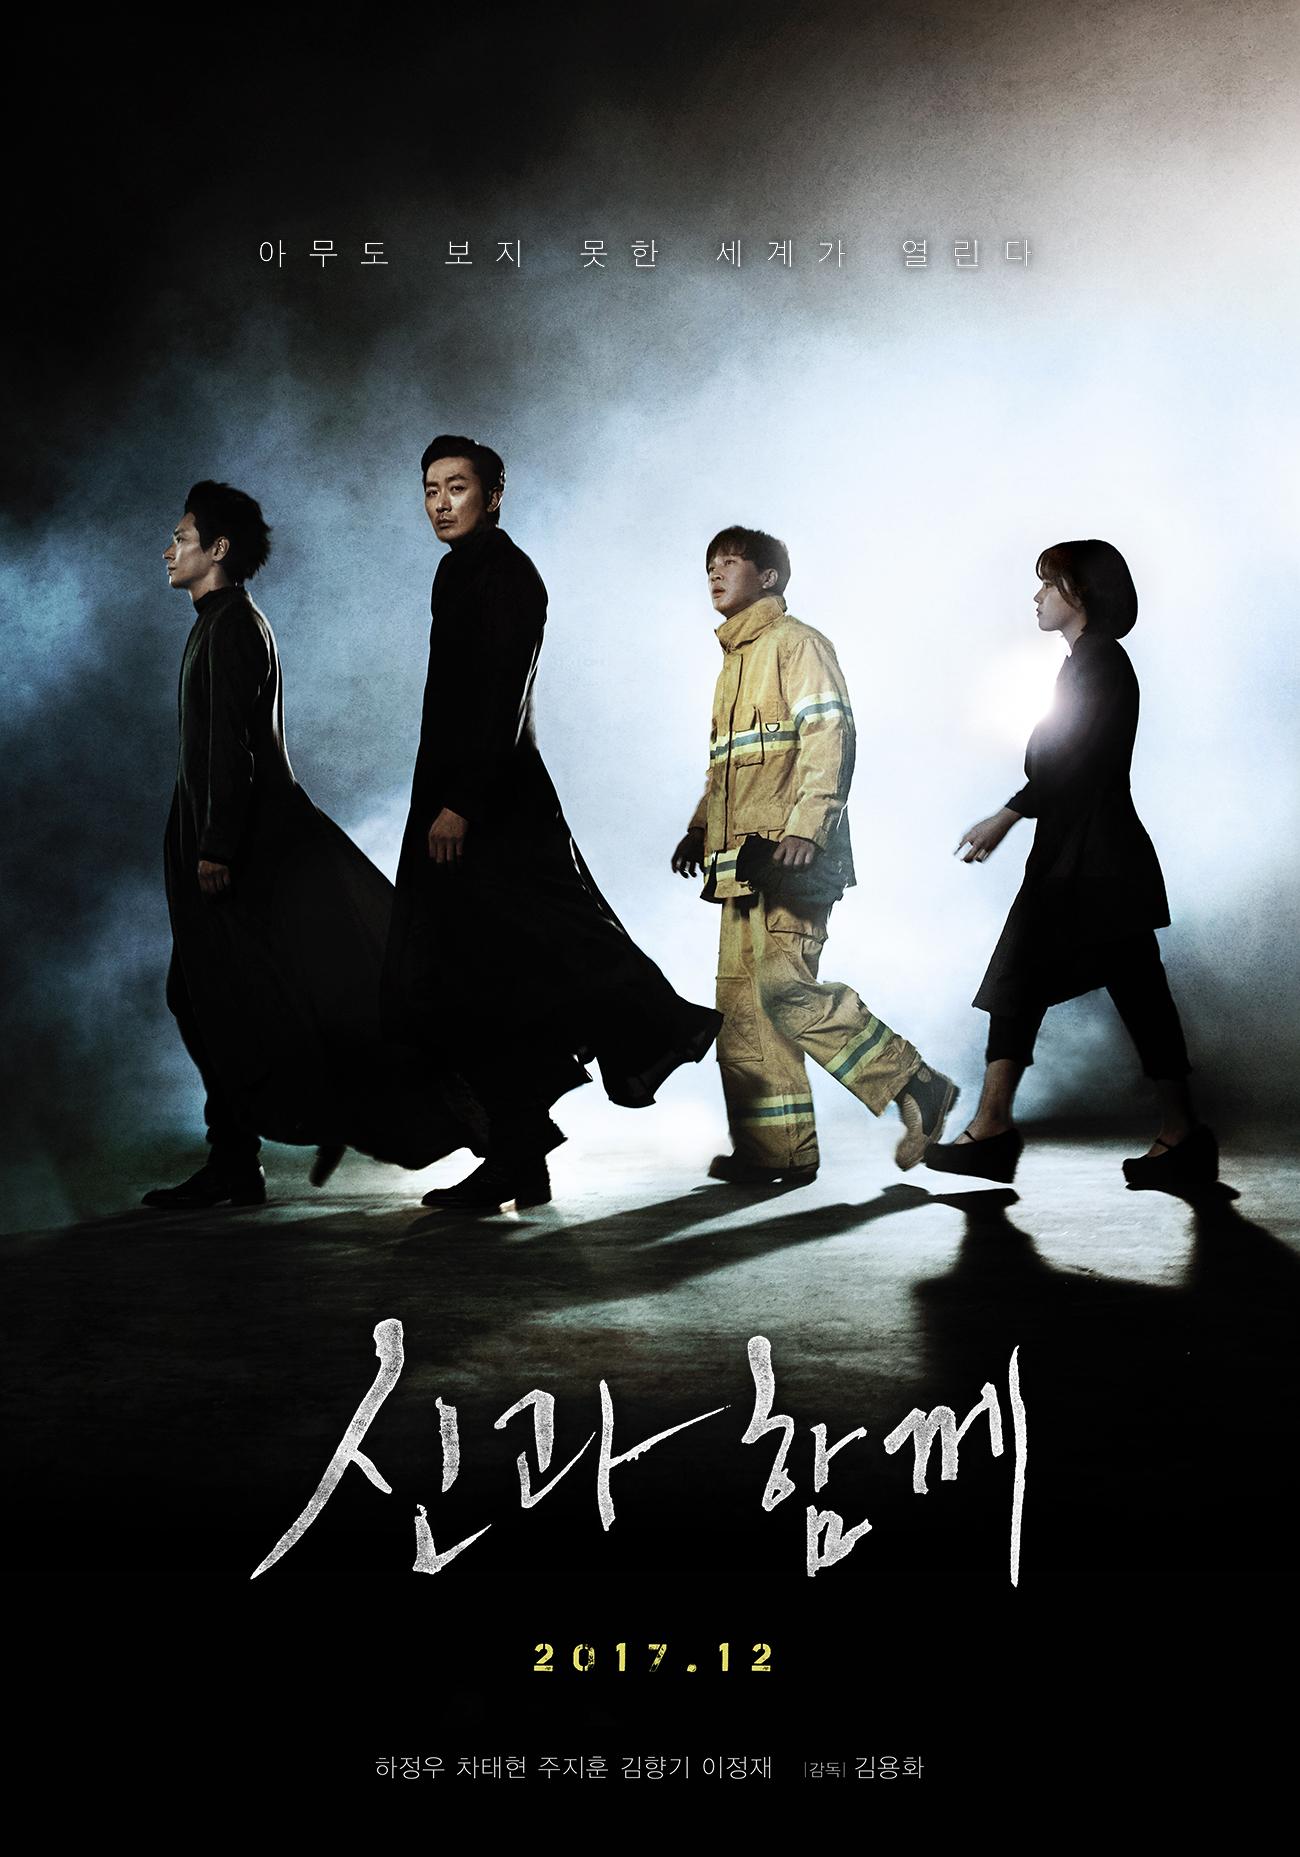 차태현 영화 신과함께 포스터 2017.12